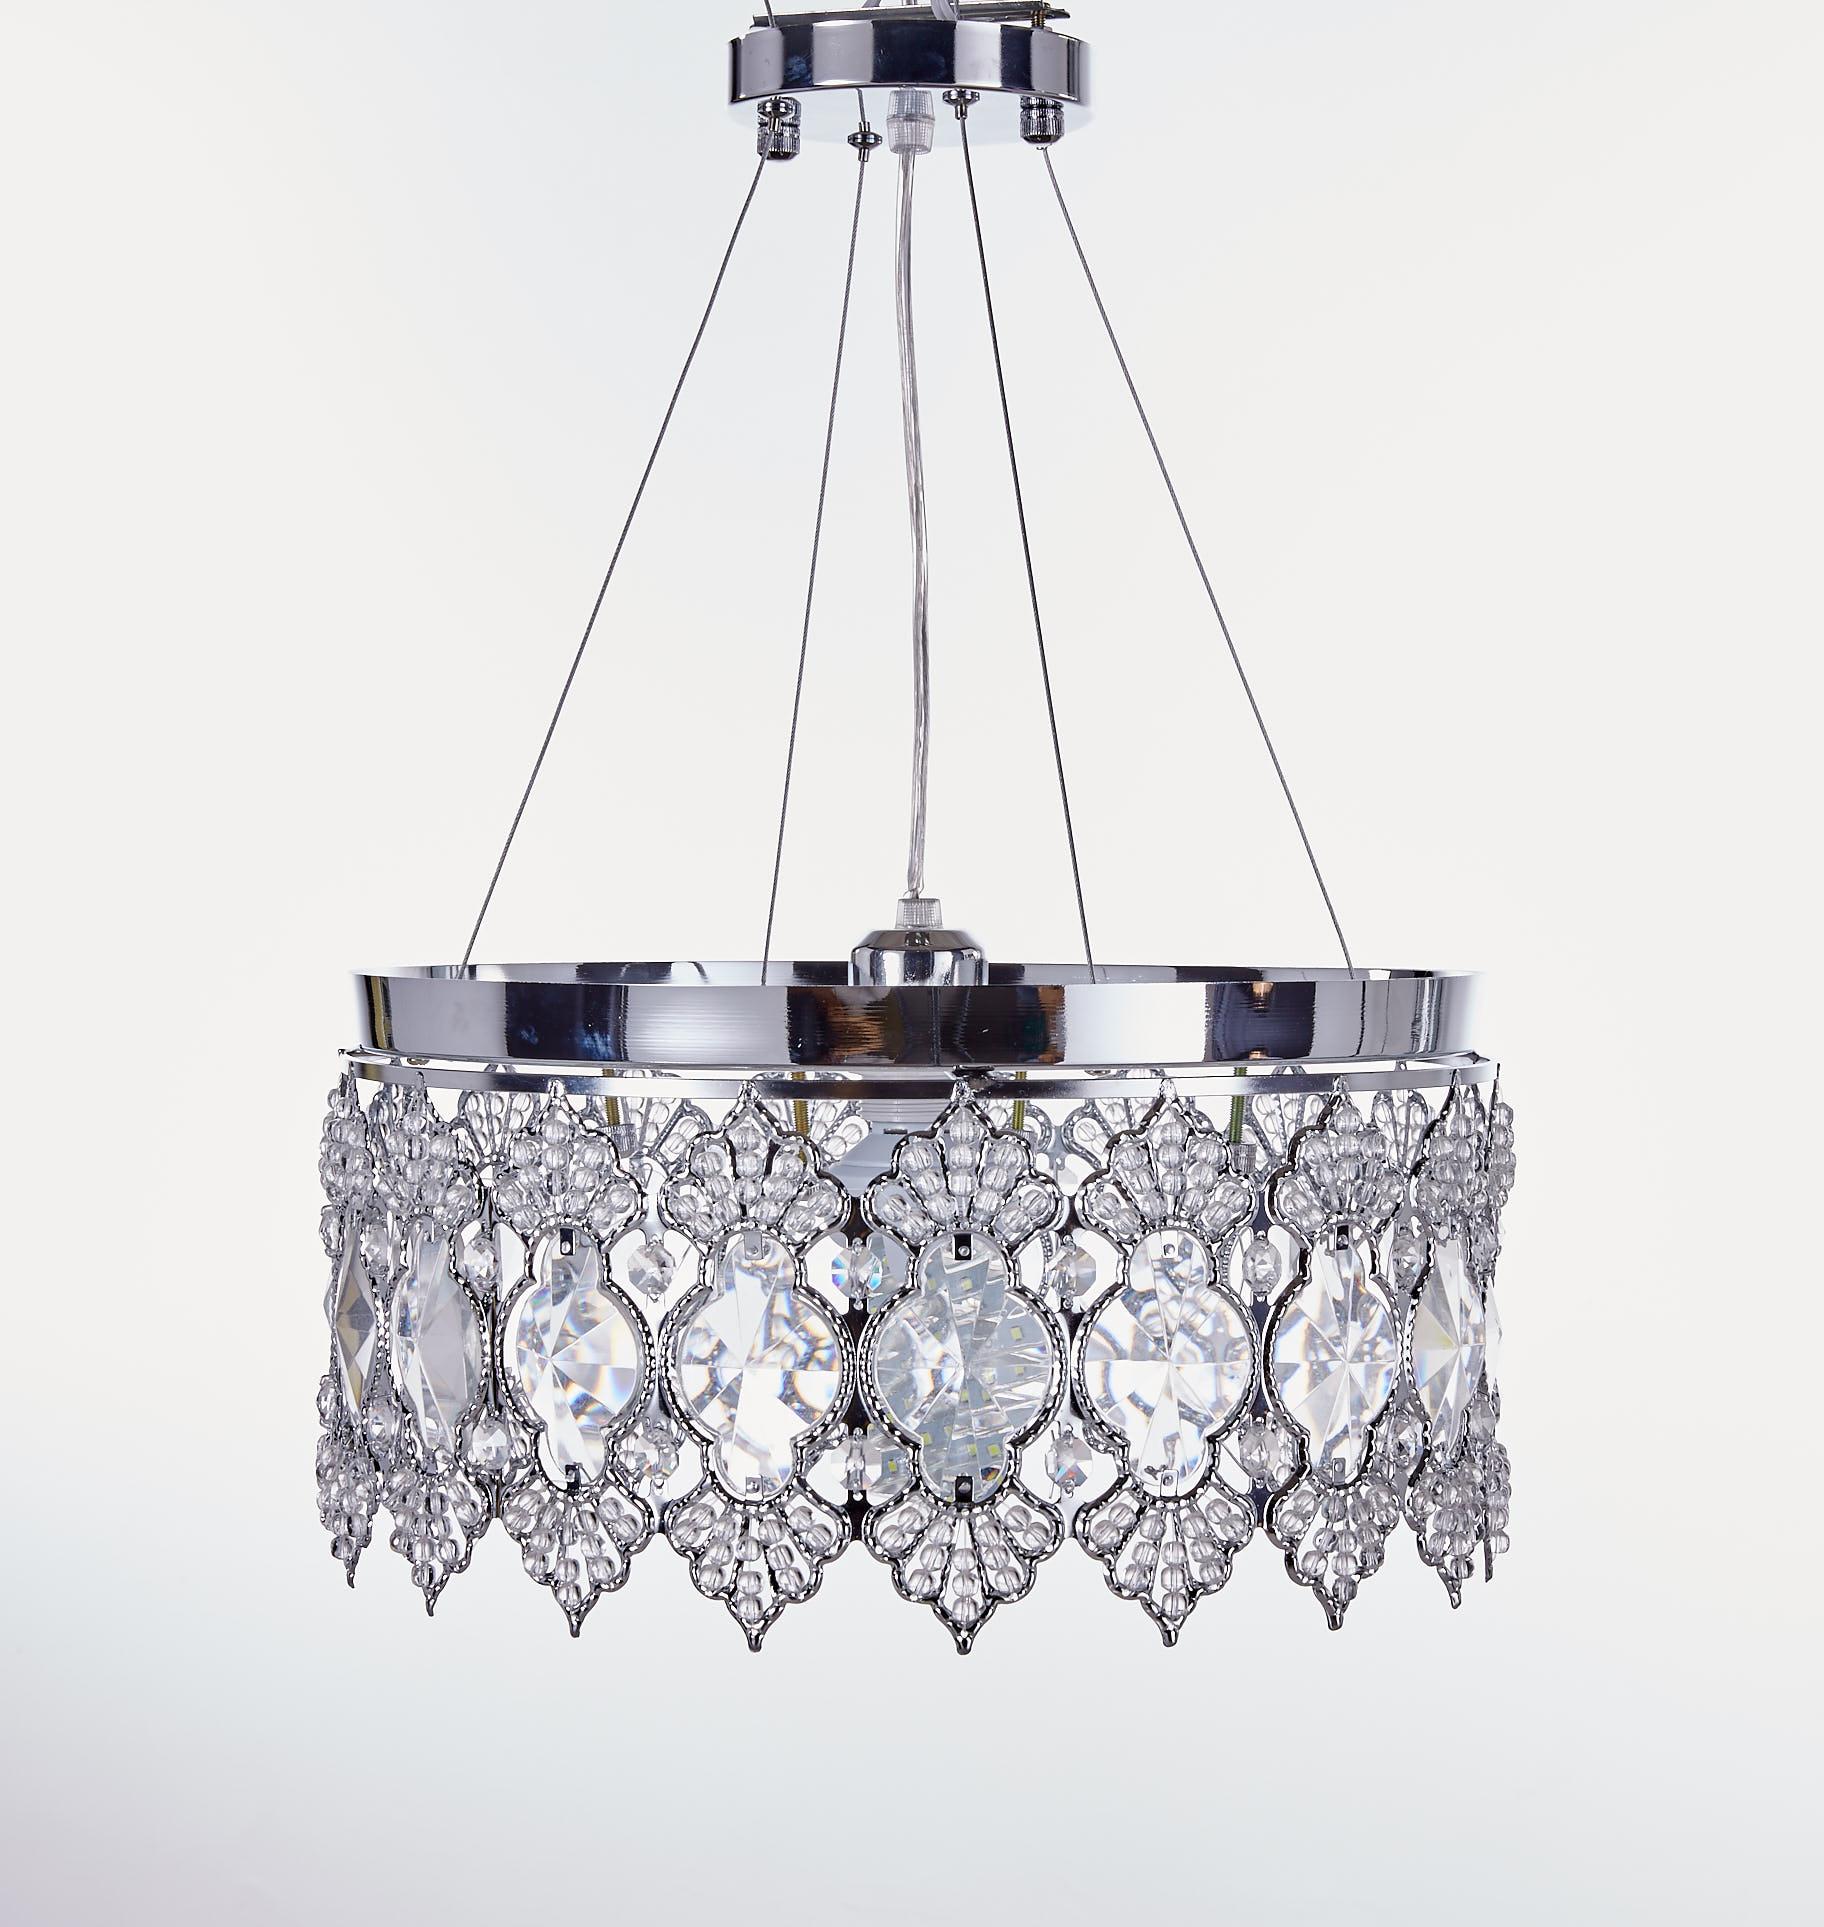 Nordic подвесные светильники светодио дный LED Лофт Pandant свет кристалл подвесной светильник люстры дома деко для гостиная кафе droplight светильник...